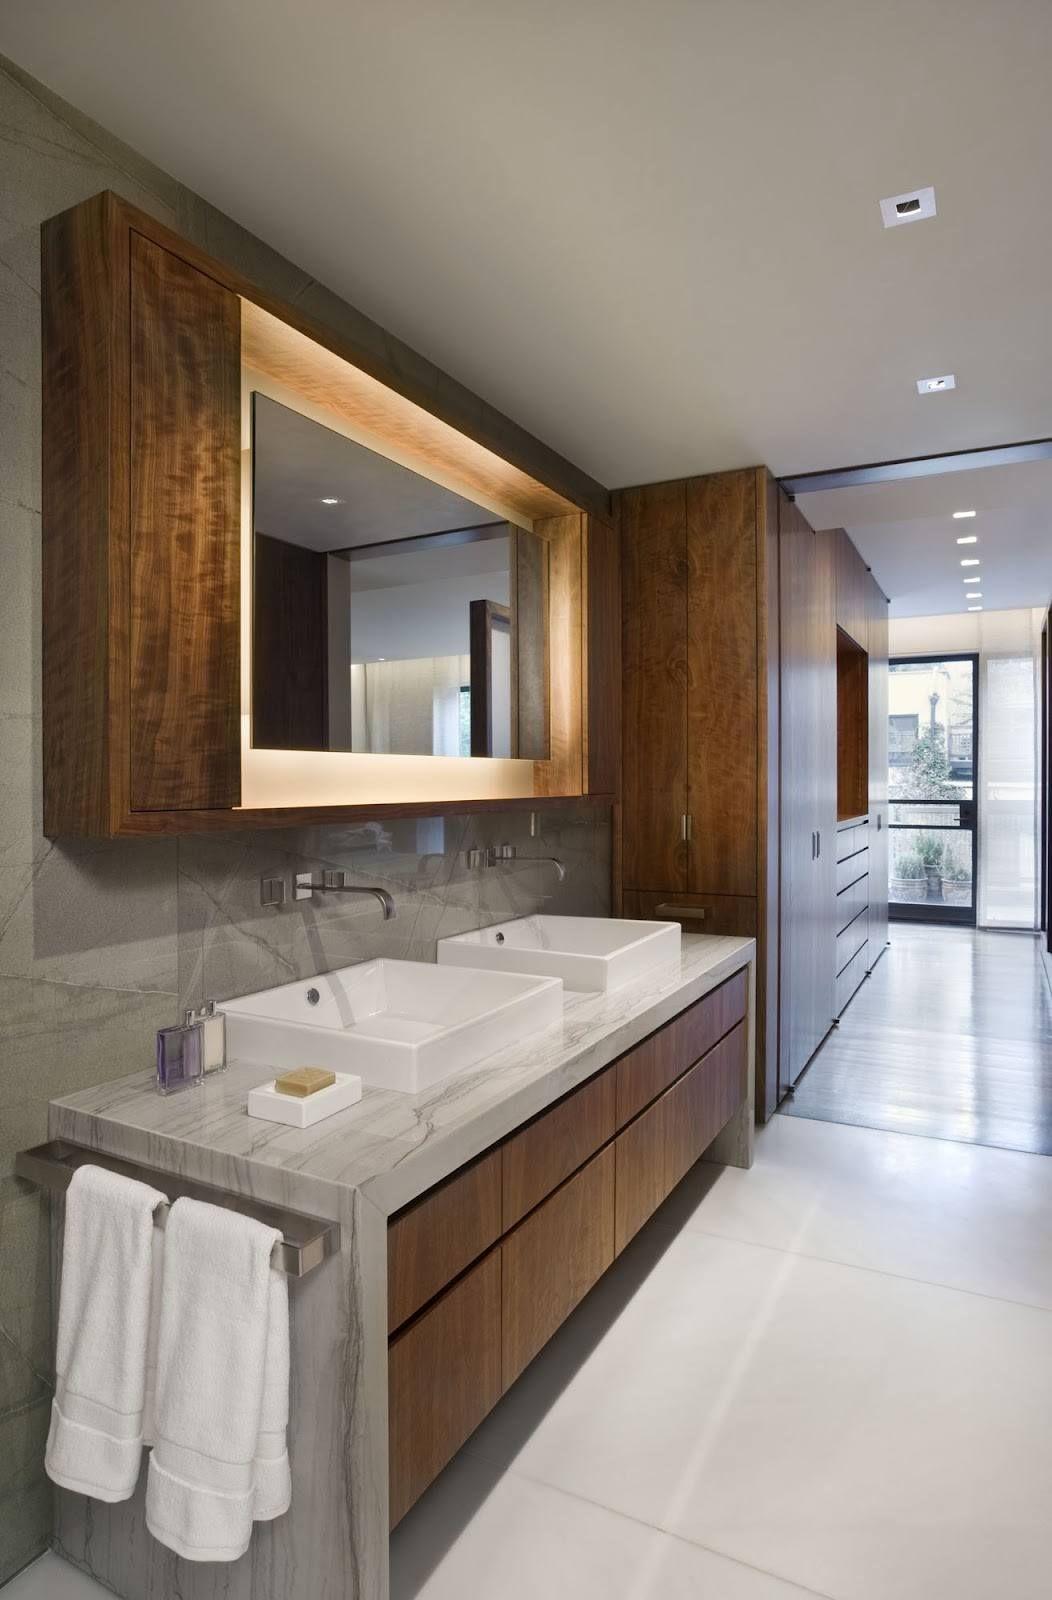 Muebles de ba o modernos peque os y r sticos for Espejos para banos modernos y pequenos